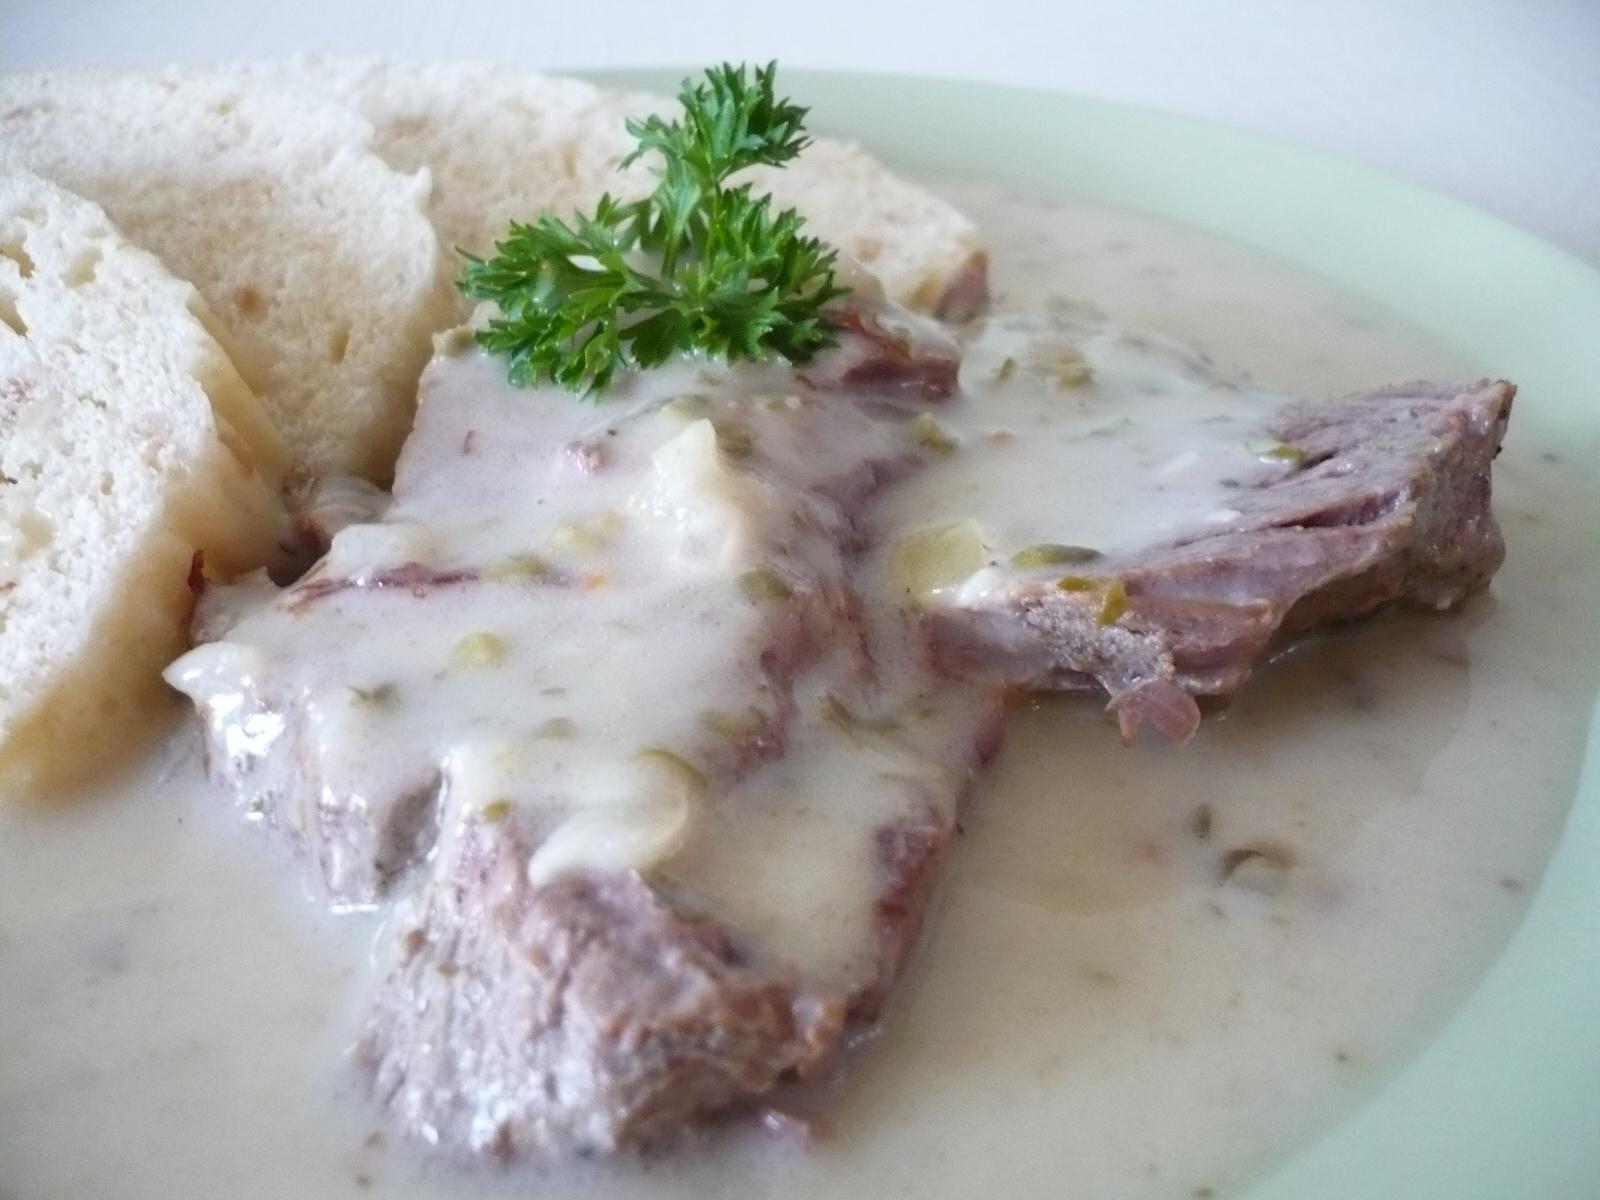 Hovězí maso na sardeli